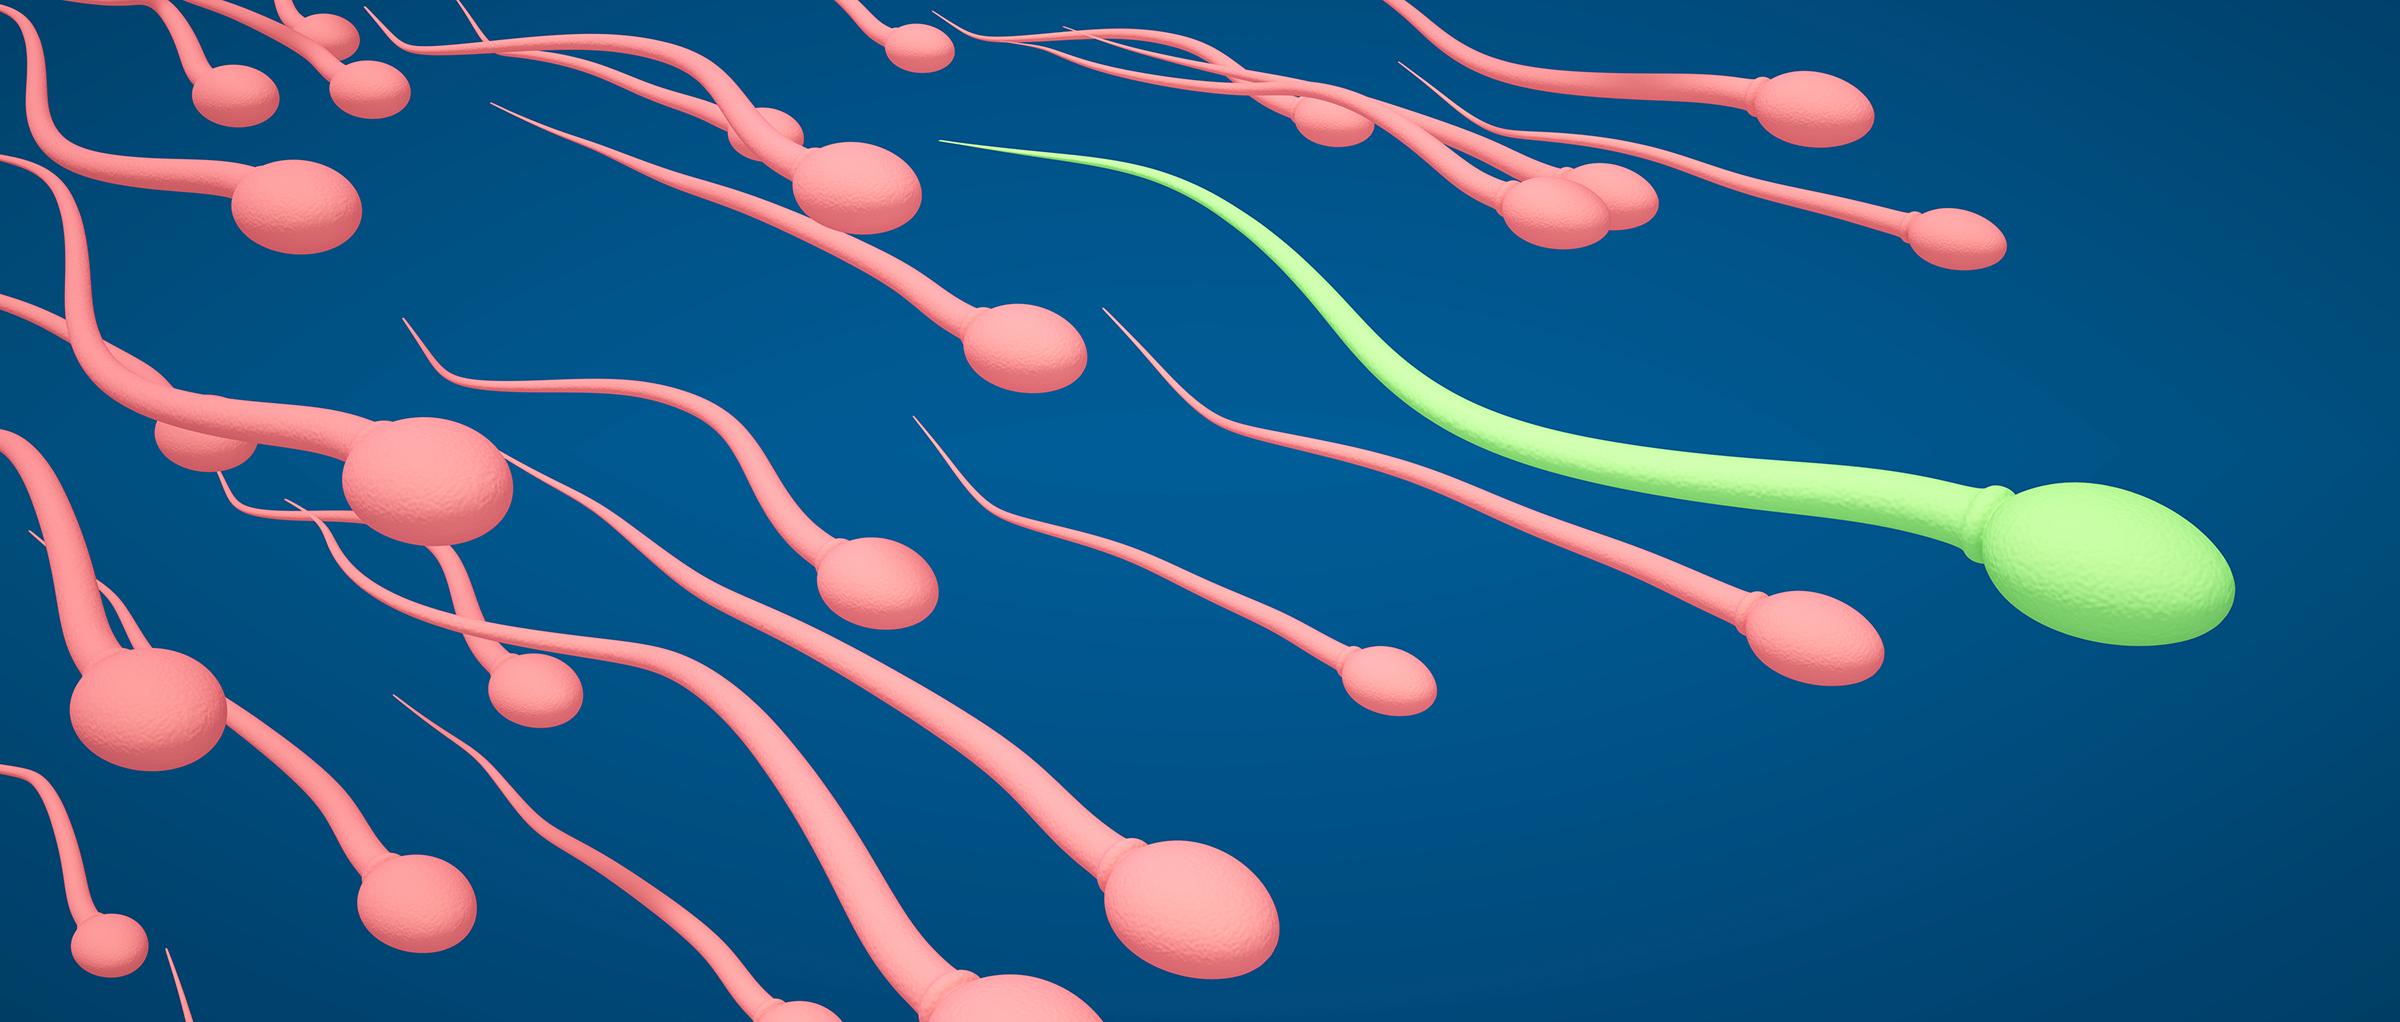 Как повысить подвижность сперматозоидов как увеличить активность 94